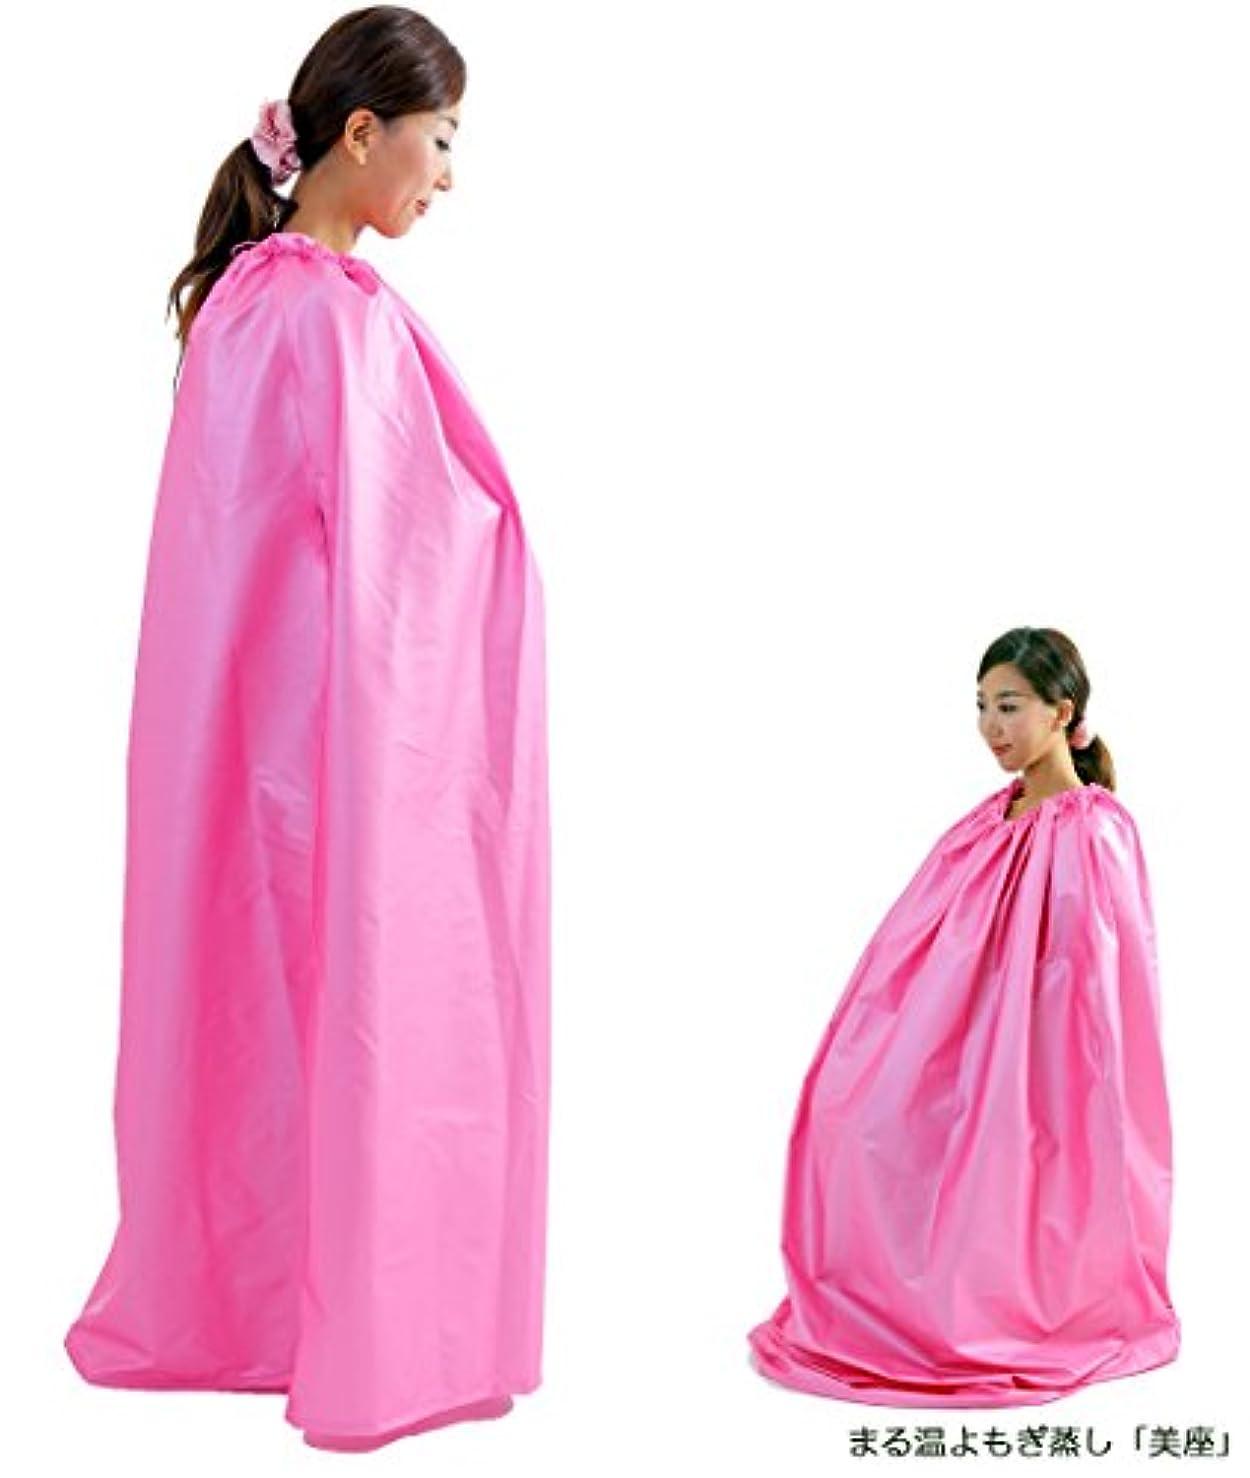 グレートバリアリーフスカウト隣人【ピンク】よもぎ蒸し用マント?ピンク色?軽くて厚いポリウレタン素材?優れた保温?保湿